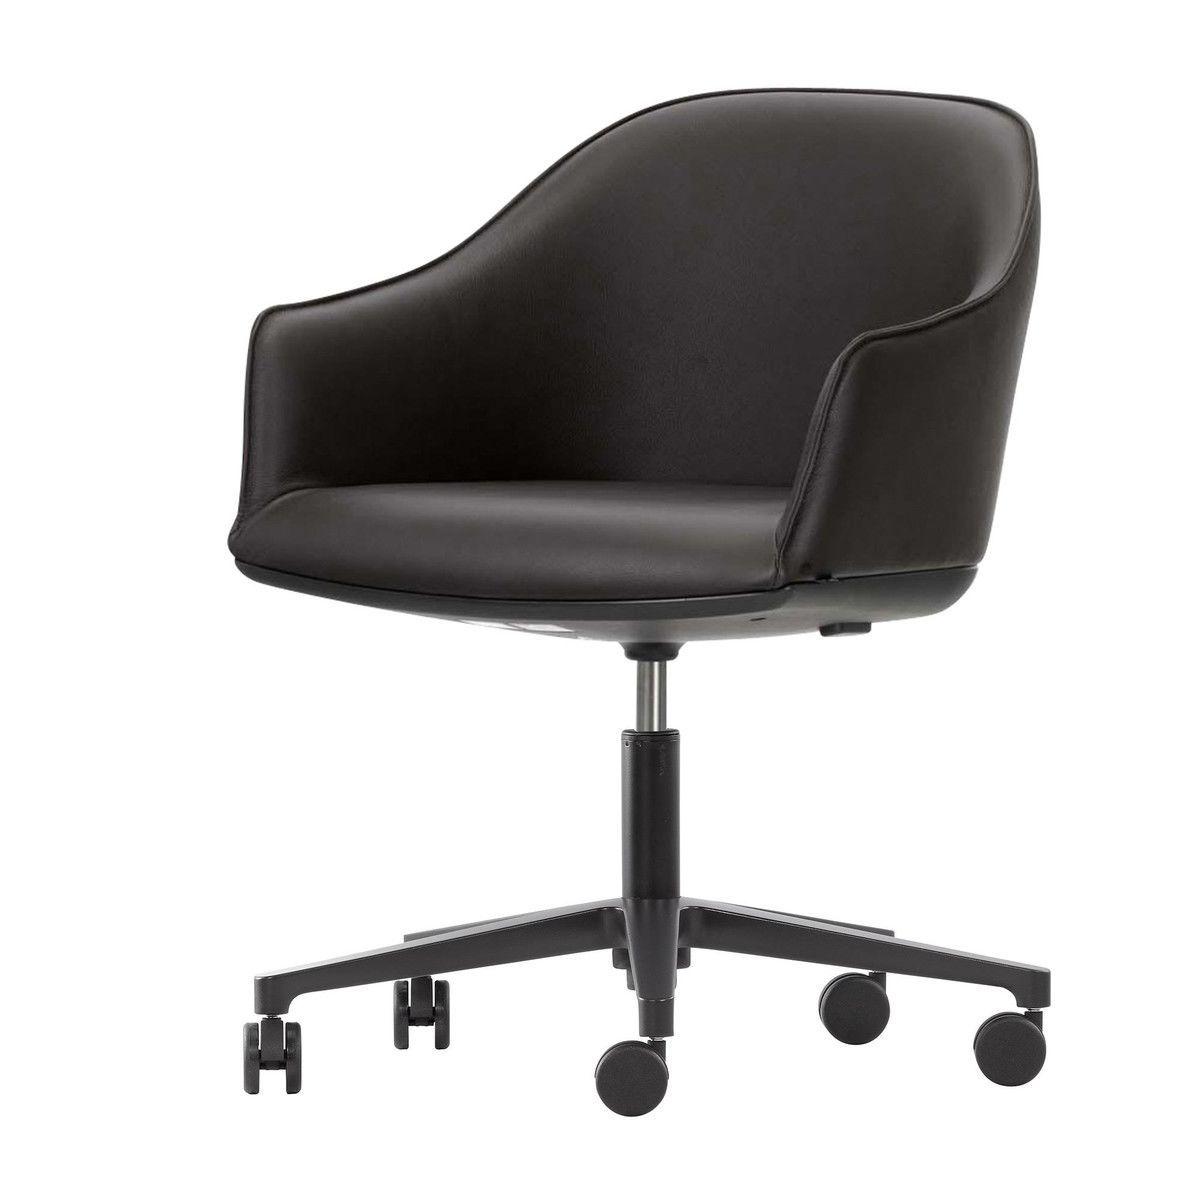 Vitra softshell chair chaise de bureau vitra for Chaise de bureau vitra prix